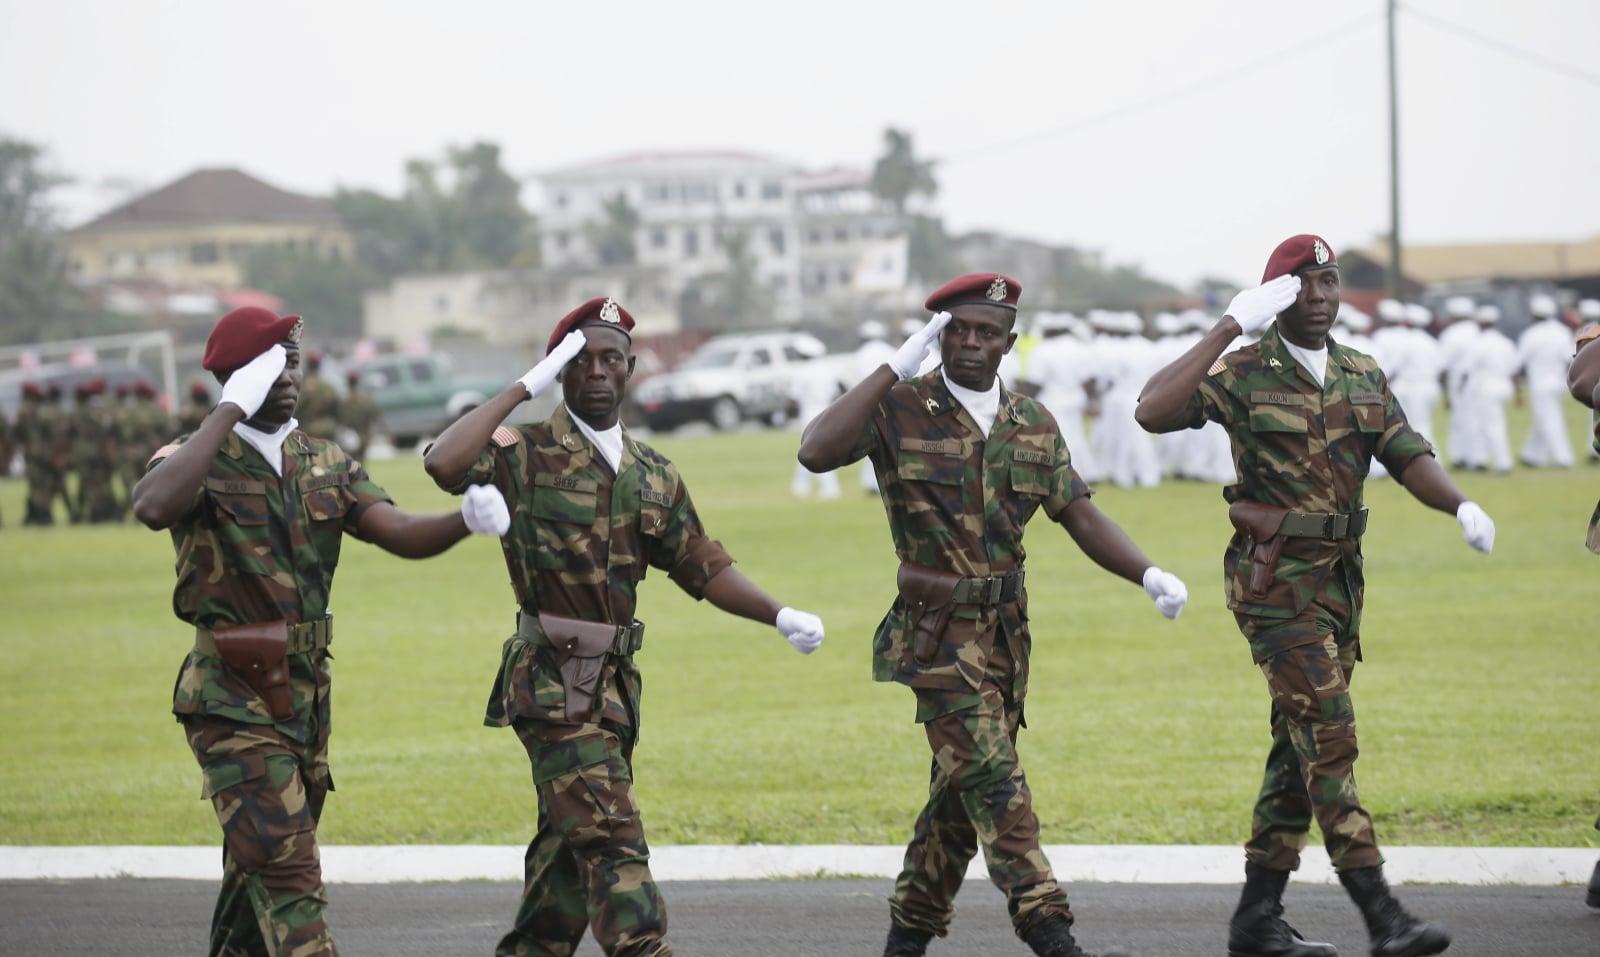 Obchody 171 lat niepodległości Liberii w Ośrodku Szkolenia Barclay w Monrow, fot.  EPA/AHMED JALLANZO